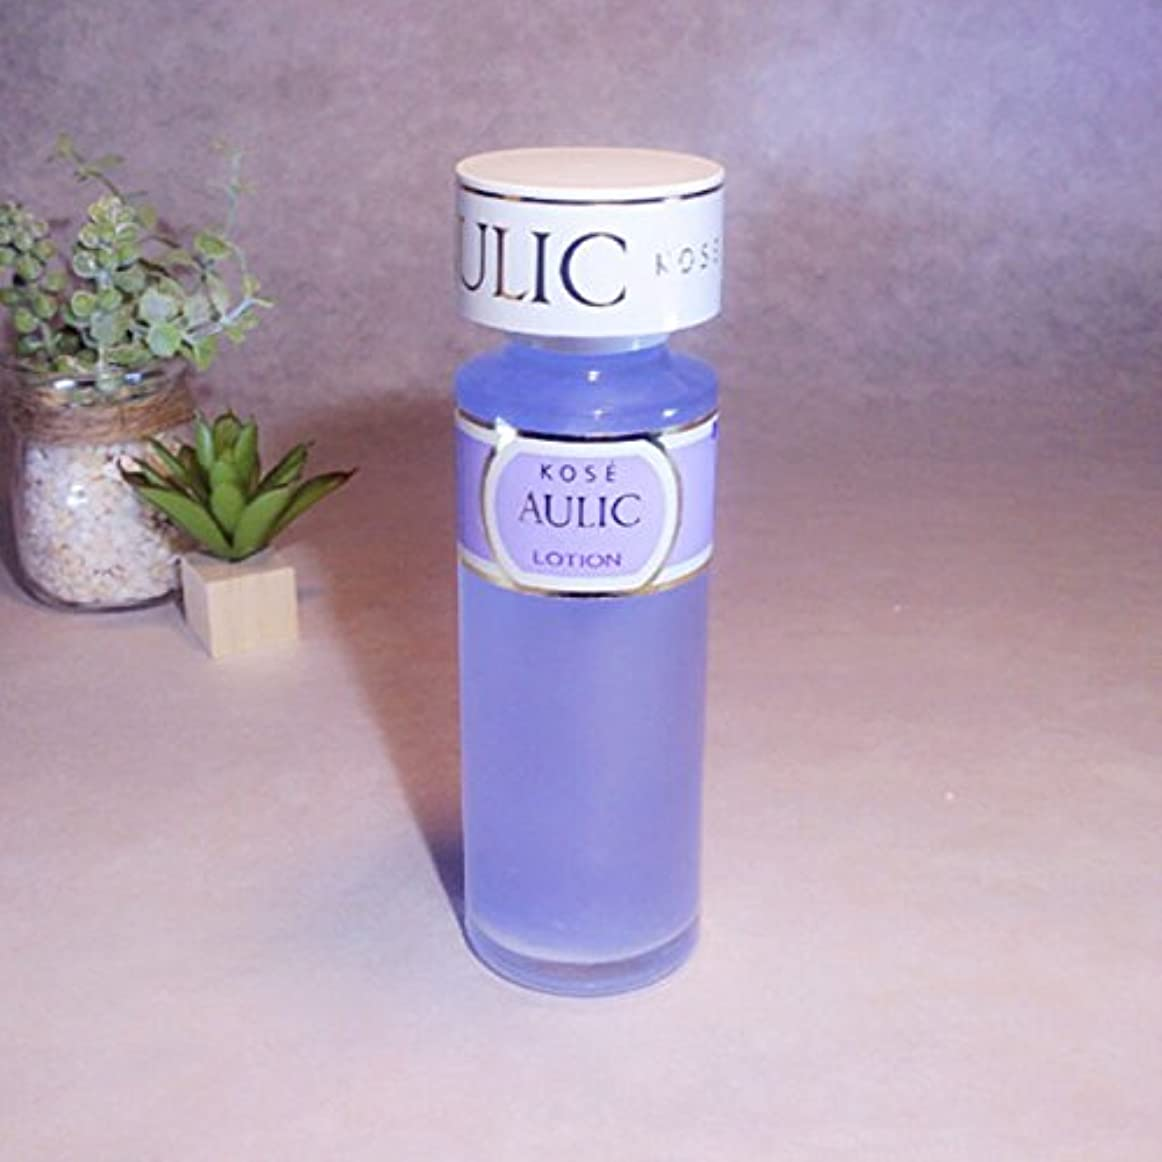 霧深いブラケット些細なコーセー オーリック 化粧水(アレ性用) 140ml